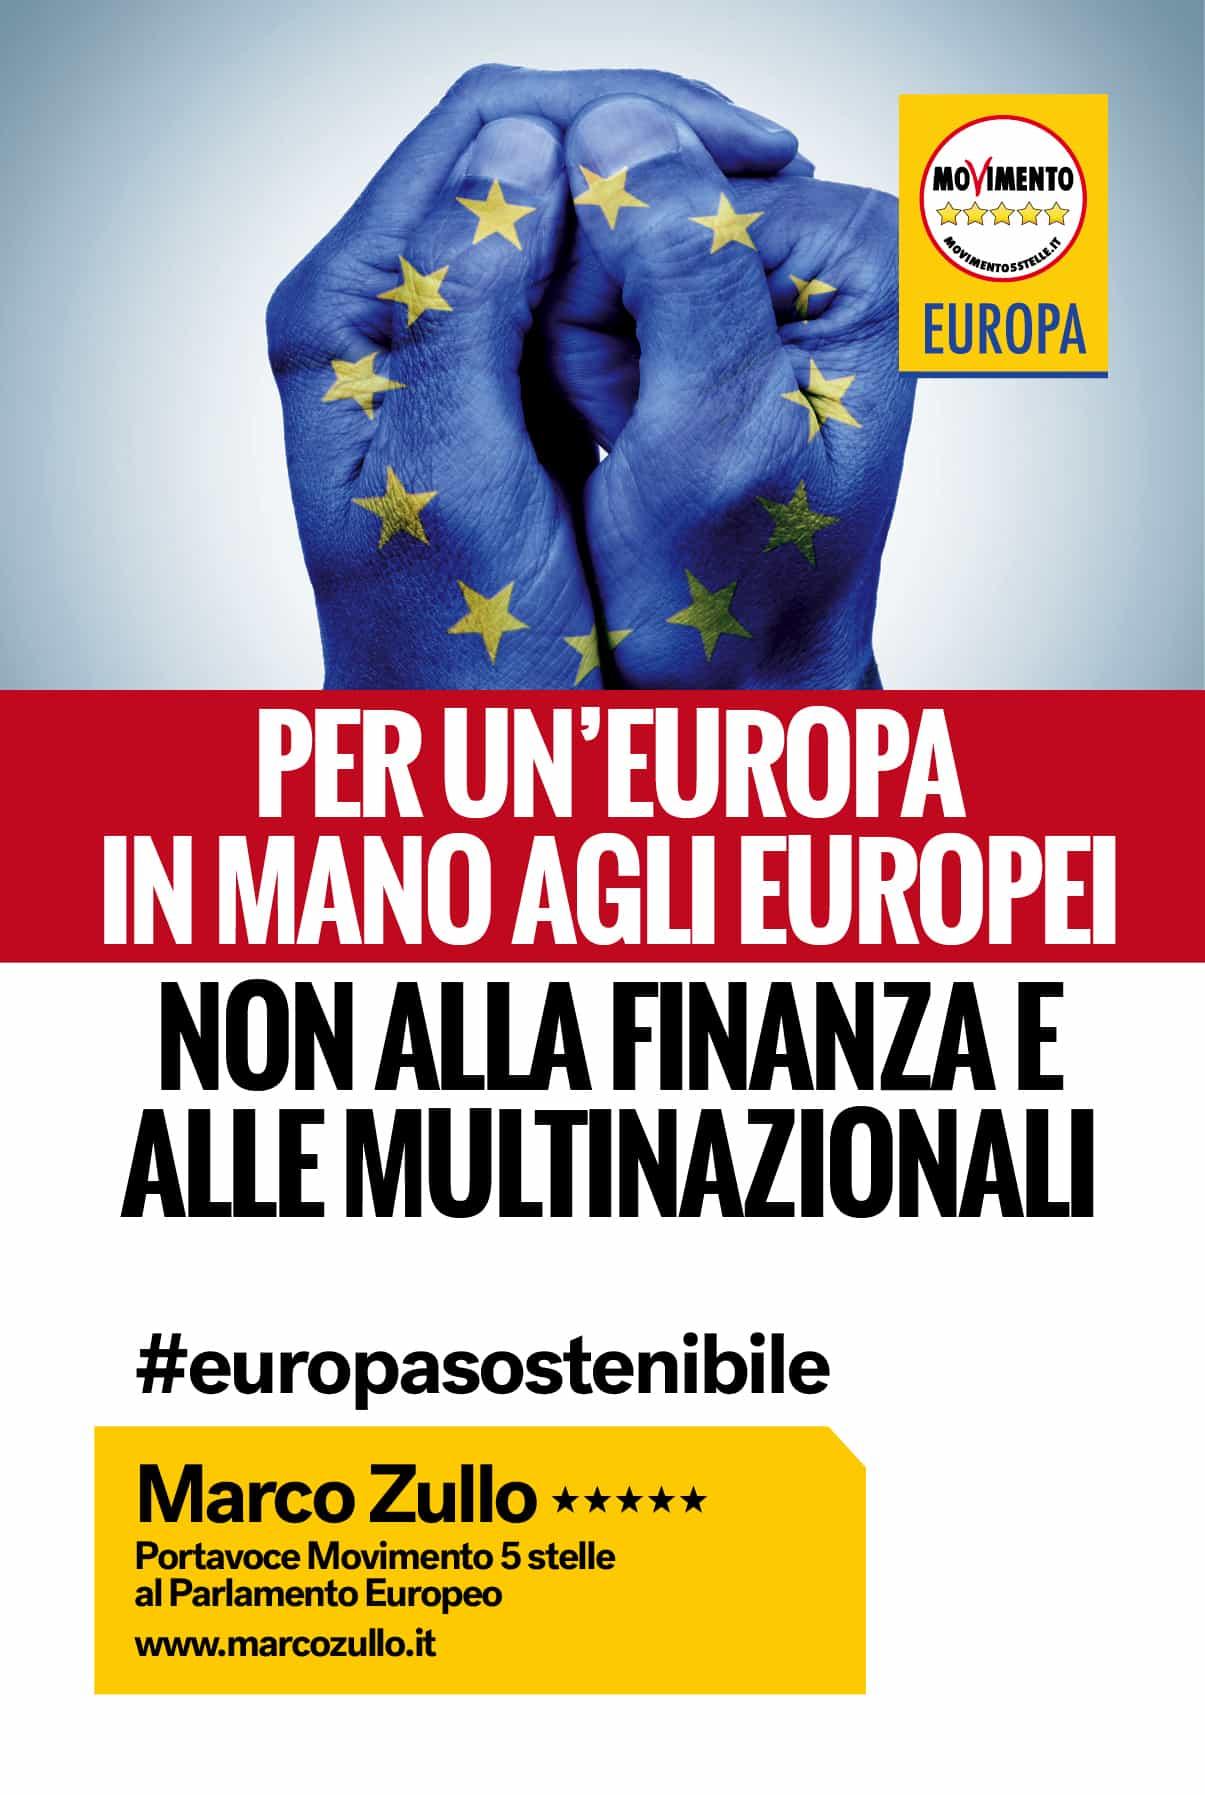 Europa Sostenibile